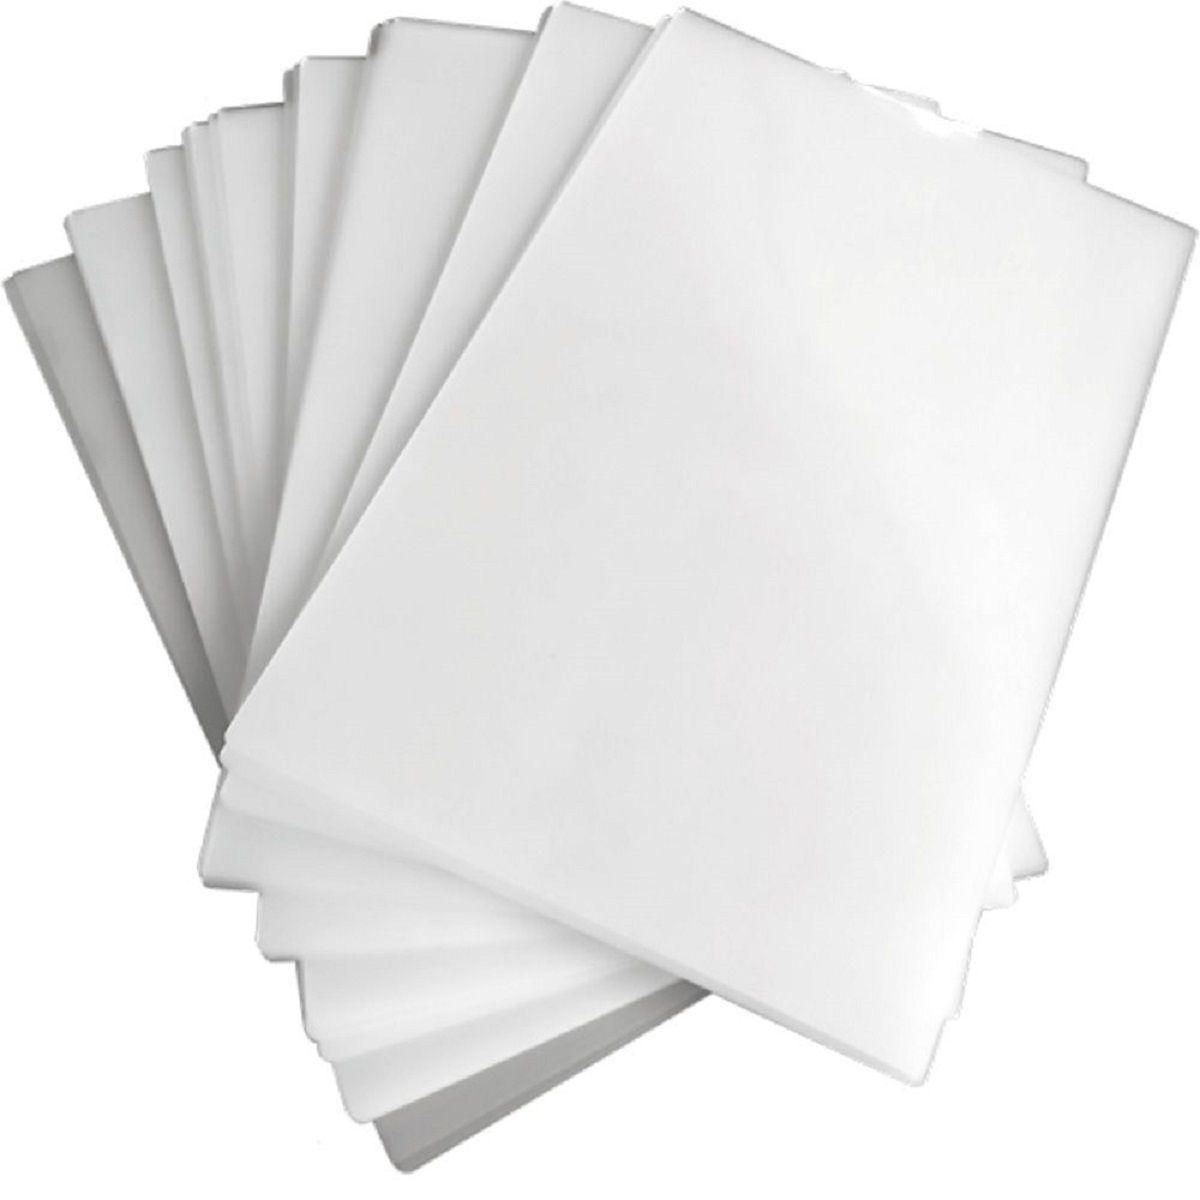 Polaseal para Plastificação Oficio 226x340x0,10mm (250 micras) - Pacote com 20 Plásticos  - Click Suprimentos